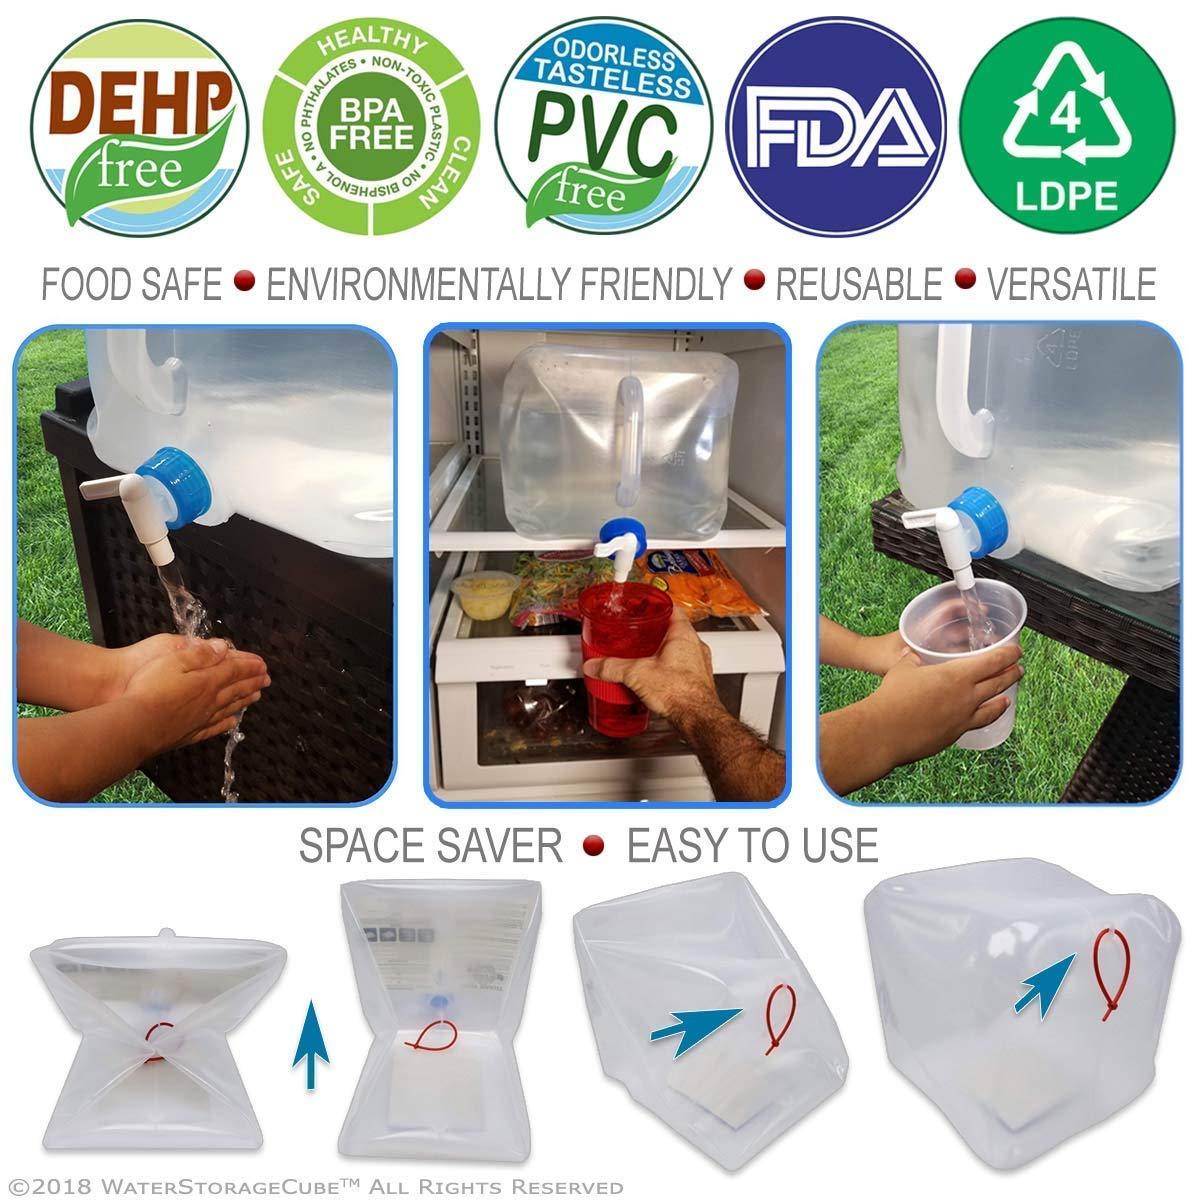 Contenedor de agua de grado alimenticio port/átil y plegable sin bisfenol ideal para el transporte y almacenamiento de agua para uso en exteriores barbacoas acampadas senderismo escalada etc 10L//2.5Gal